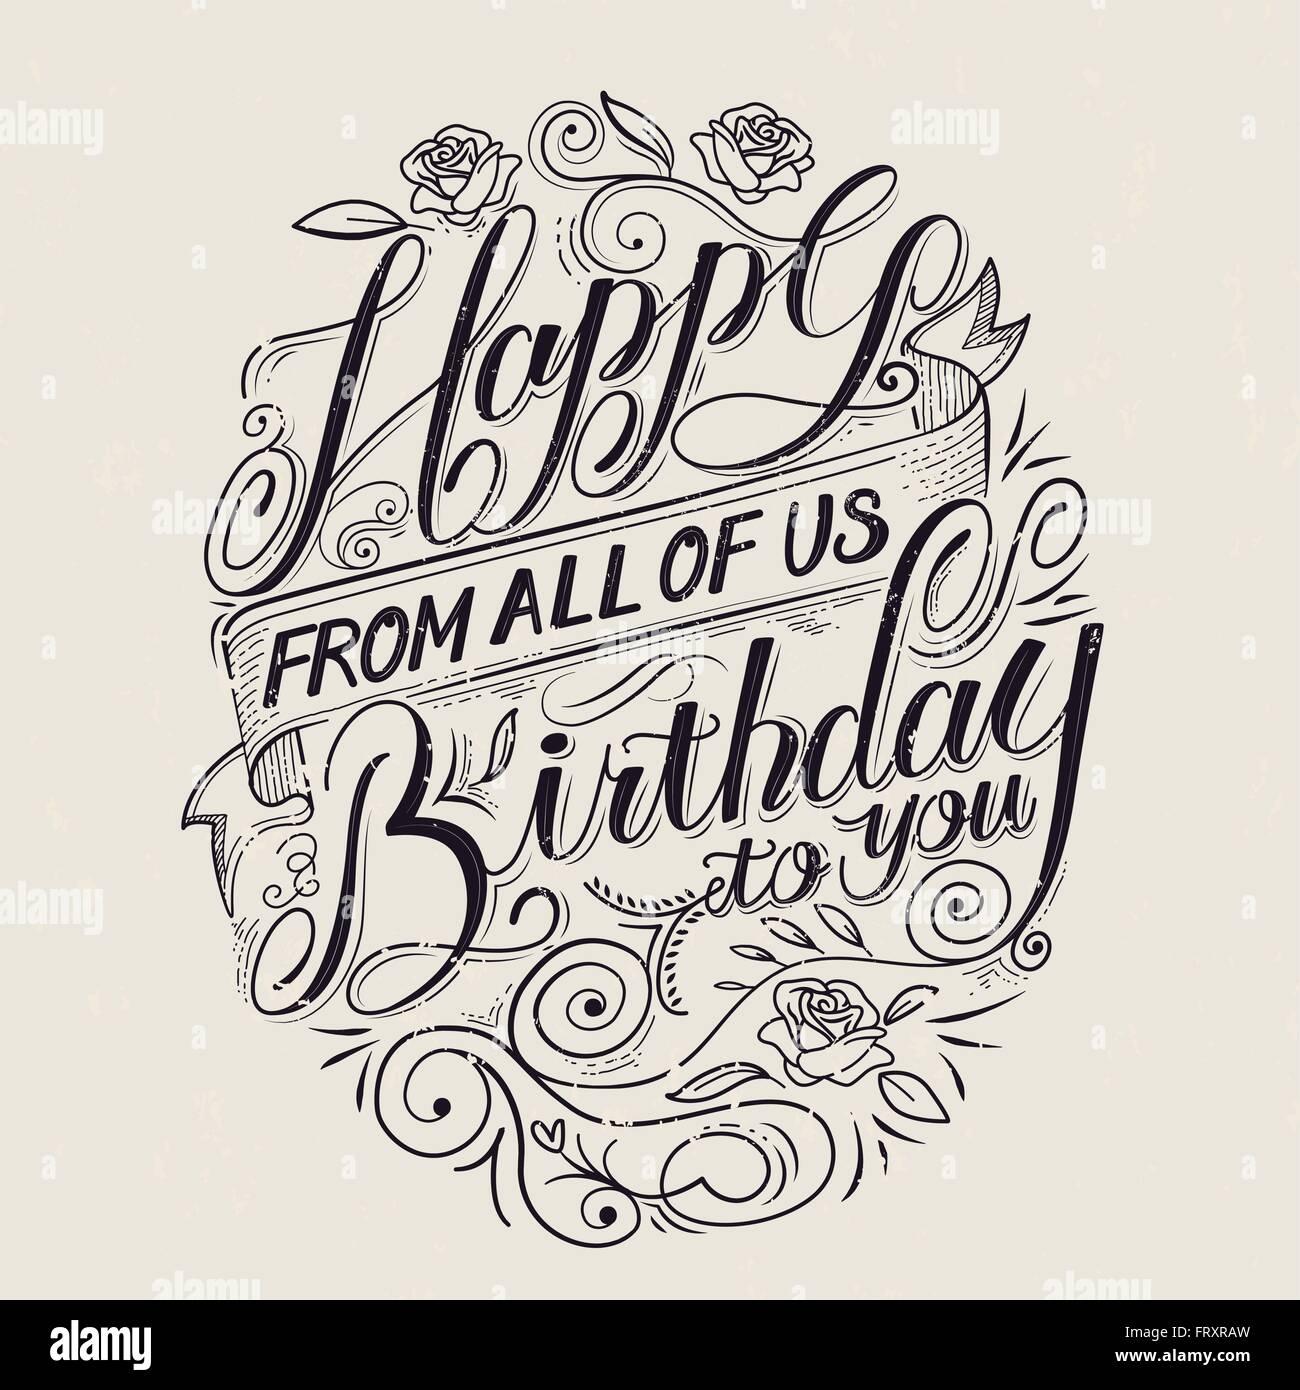 Retro Alles Gute Zum Geburtstag Sie Kalligraphie Poster Design